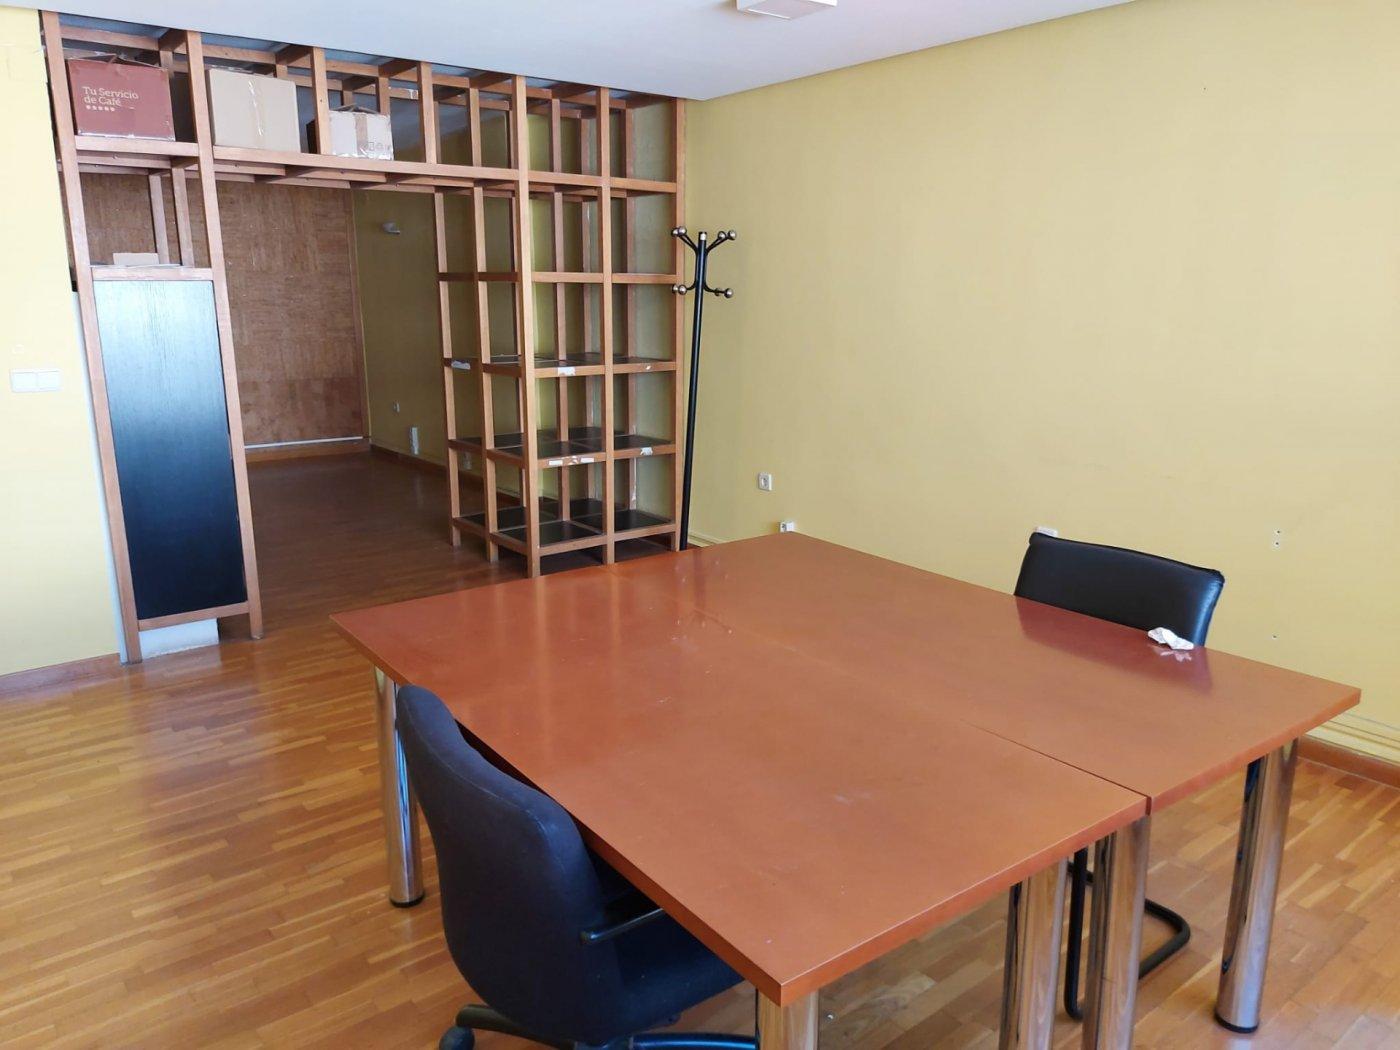 Oficina en venta o alquiler en el centro de alicante - imagenInmueble1